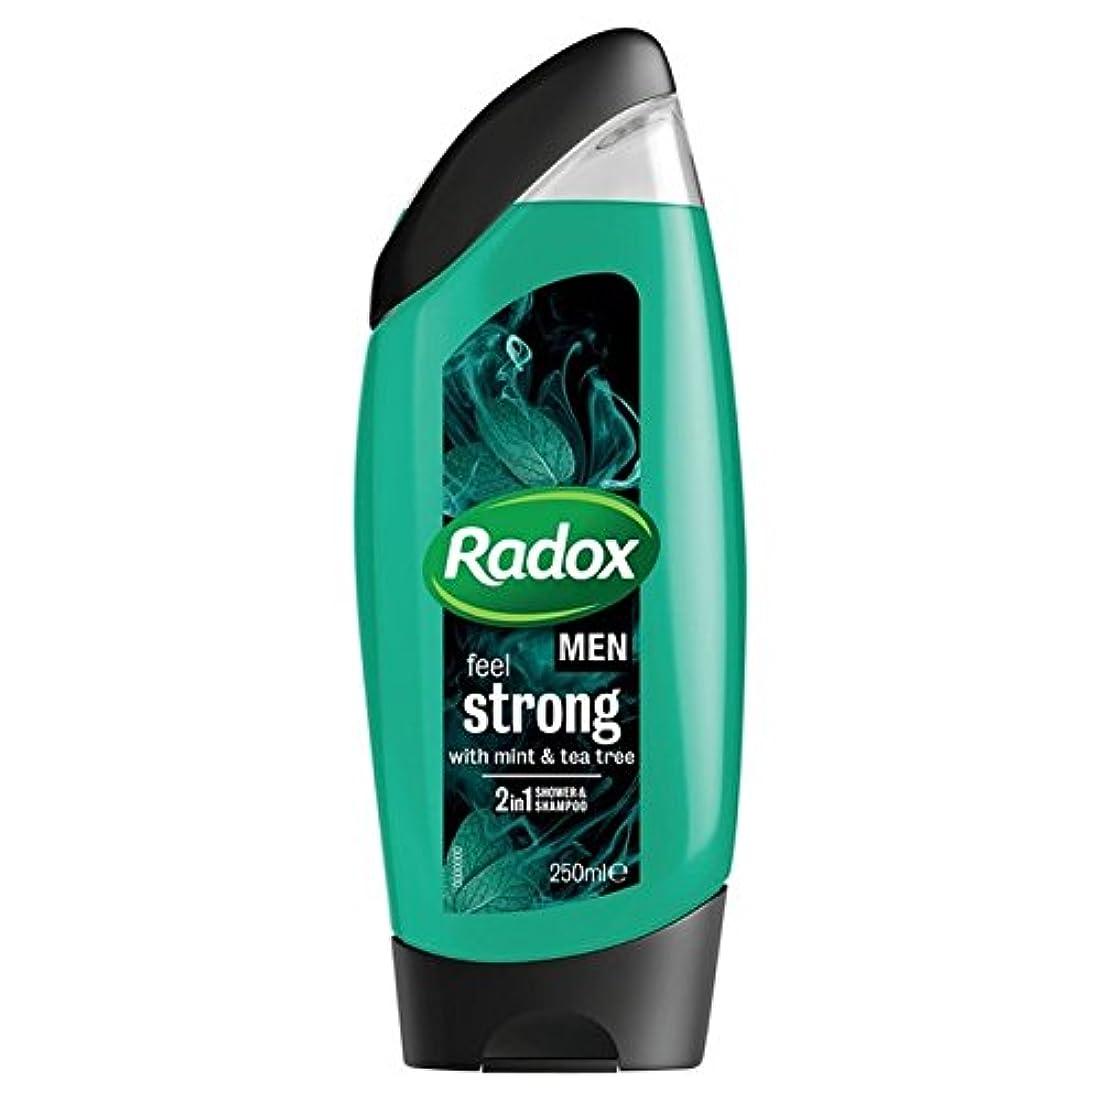 素晴らしい良い多くのルート溶けた男性は、強力なミント&ティーツリーの21のシャワージェル250ミリリットルを感じます x4 - Radox Men Feel Strong Mint & Tea Tree 2in1 Shower Gel 250ml (Pack of 4) [並行輸入品]